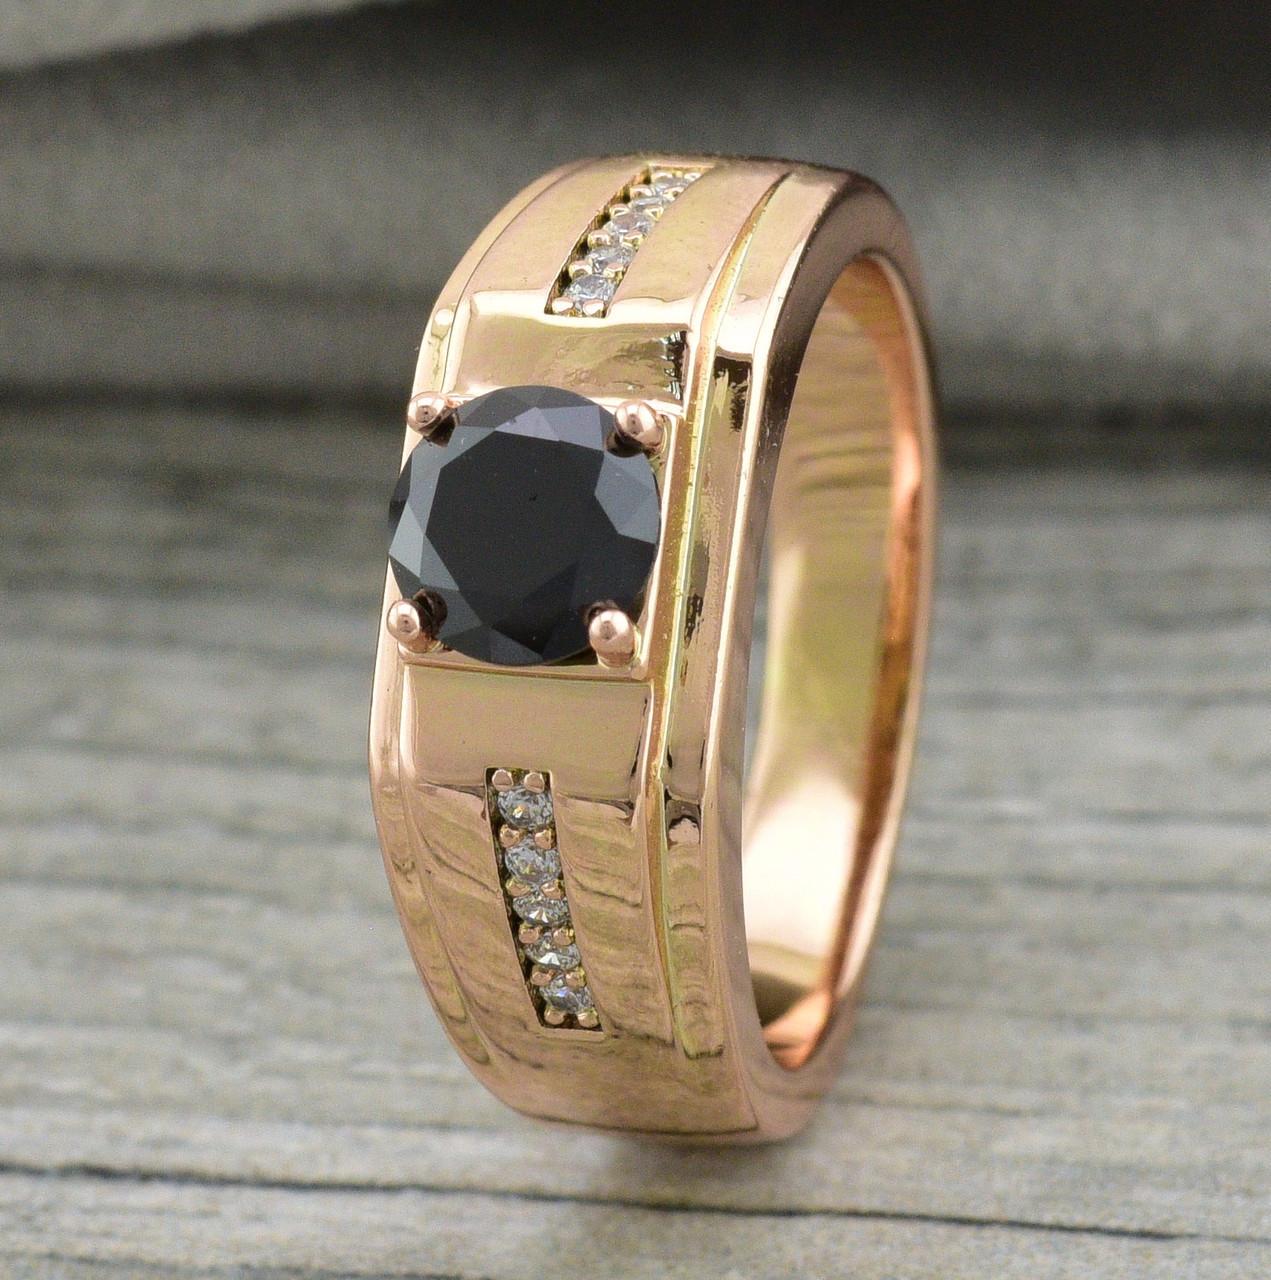 Кольцо Xuping 11624 размер 21 ширина 8 мм чёрные фианиты вес 5.4 г позолота РО